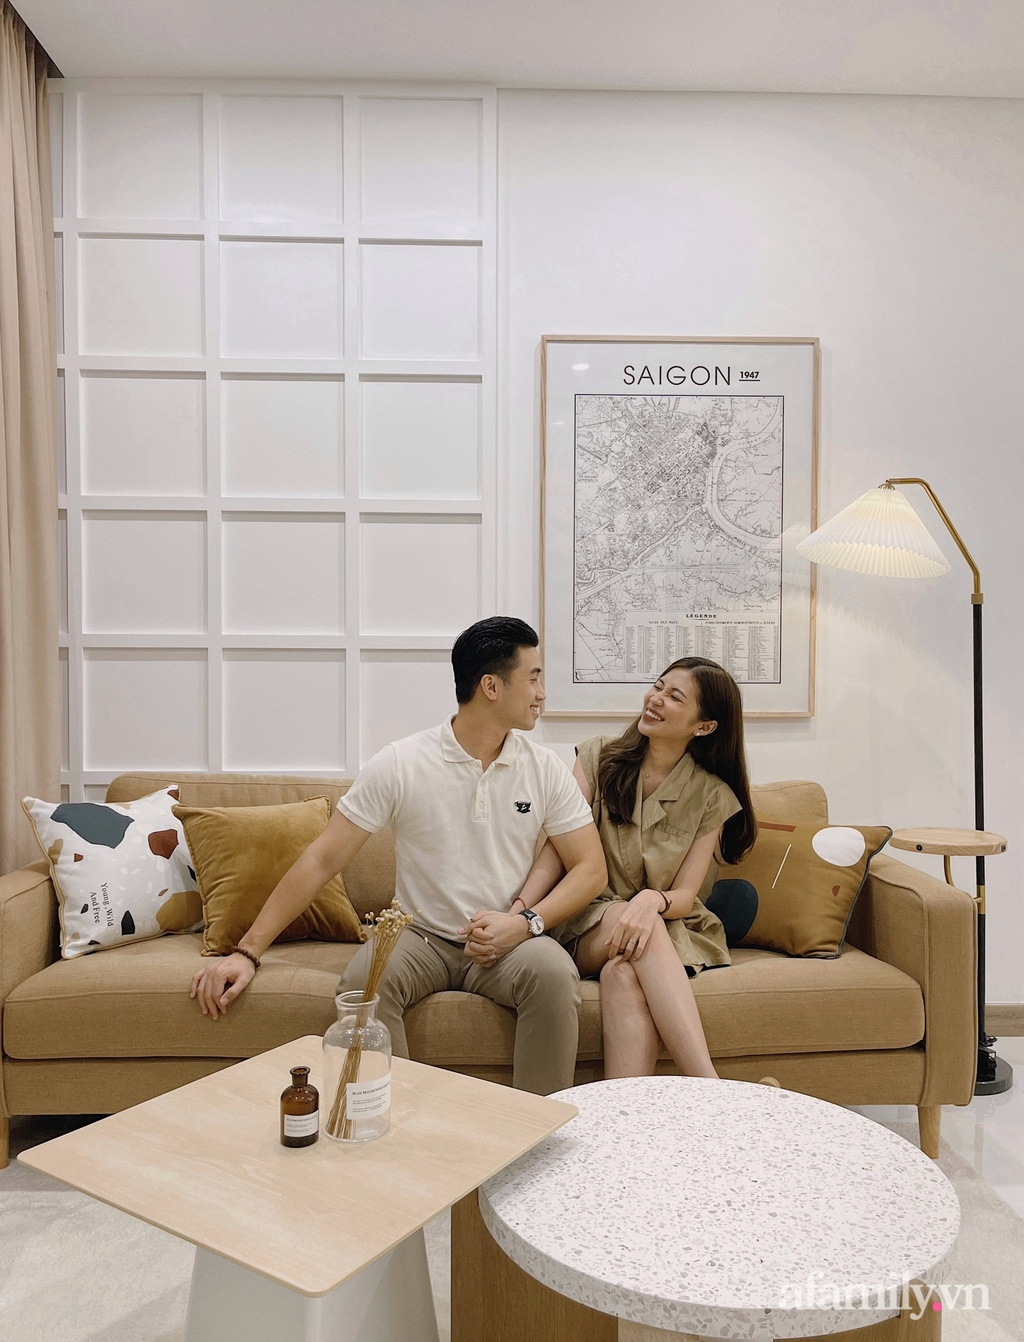 Căn hộ 106m² gói trọn bình yên với tông màu trung tính hiện đại của vợ chồng trẻ Sài Gòn